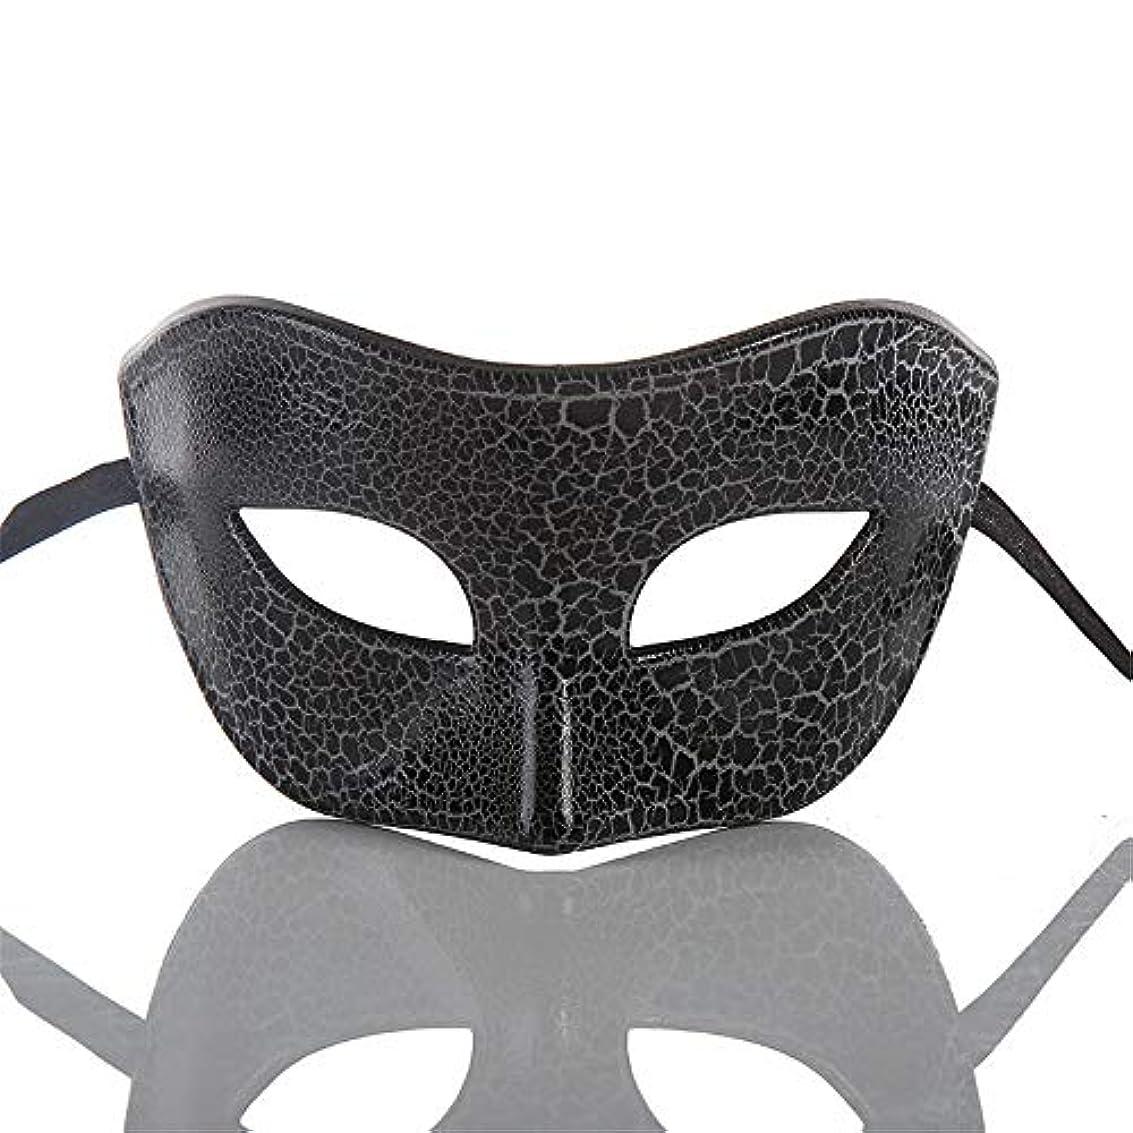 台無しに勤勉な誤ダンスマスク ハーフマスク新しいハロウィーンマスク仮装レトロコスプレメイクナイトクラブマスク雰囲気クリスマスお祝いプラスチックマスク ホリデーパーティー用品 (色 : ブラック, サイズ : 16.5x8cm)